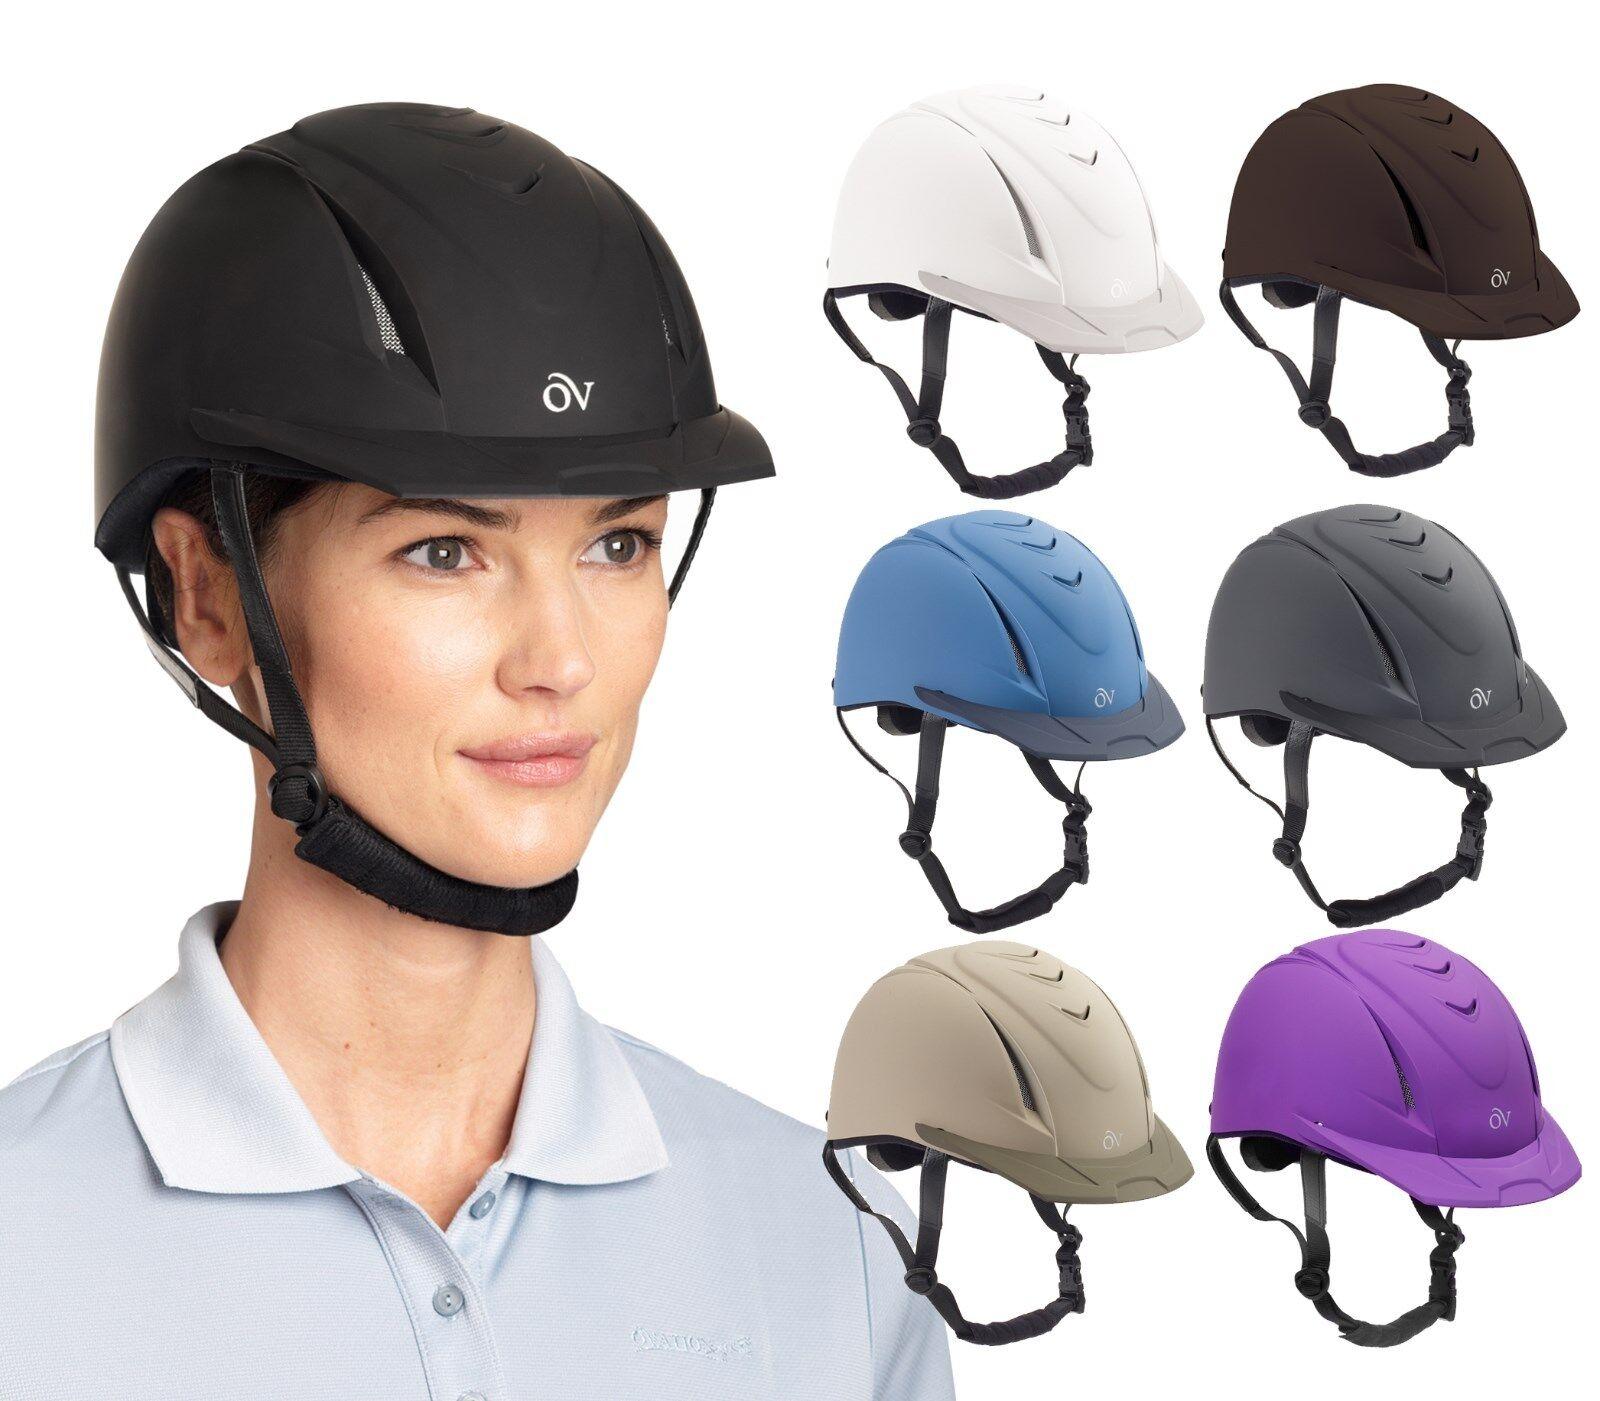 Ovation Deluxe Schooler Helmet, Various Sizes & Colors